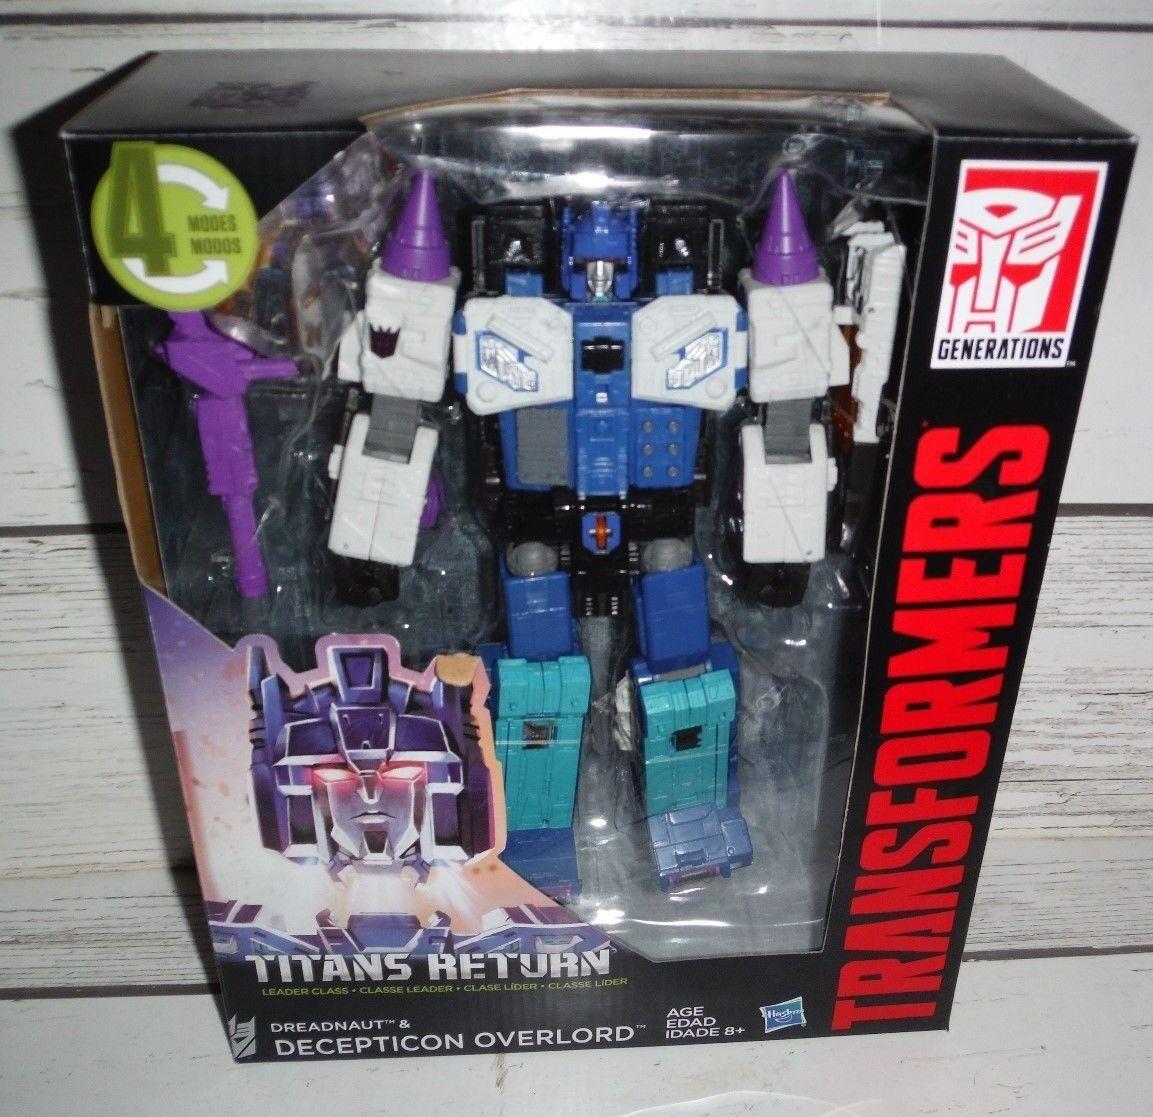 New Transformers Titans Return Dreadnaut & Decepticon Overload